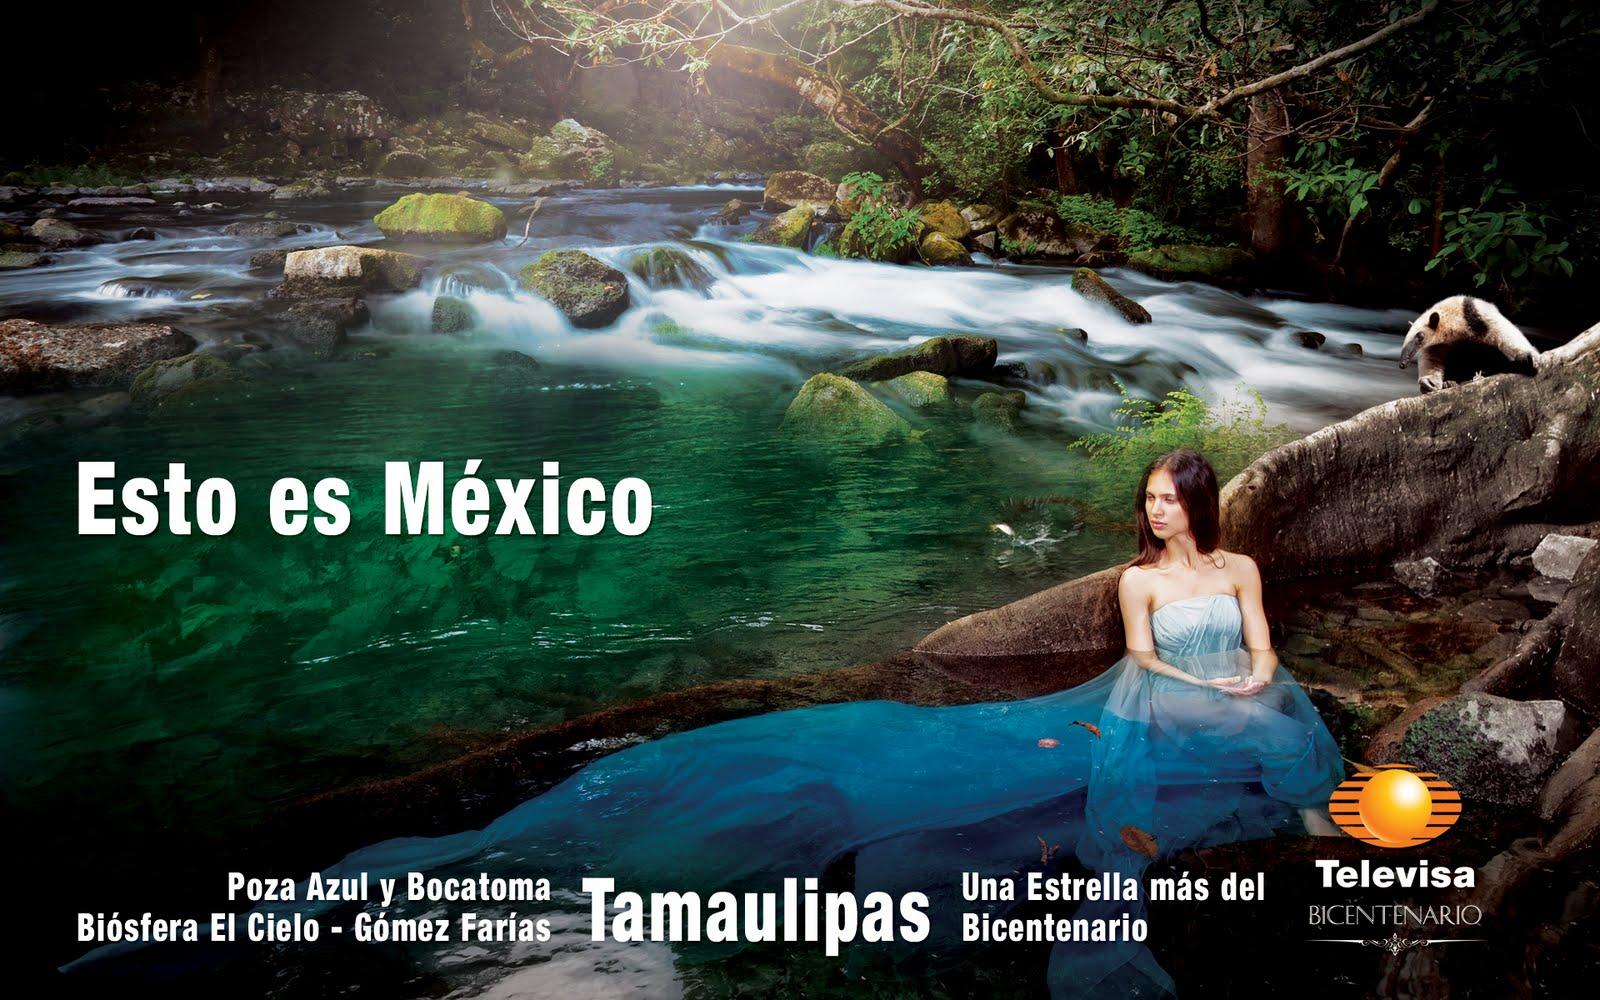 http://3.bp.blogspot.com/_DXPmhYwKhEA/TDz5Vb1vPSI/AAAAAAAAADM/-nzvb-vi8rg/s1600/Tamaulipaspozaazul.jpg